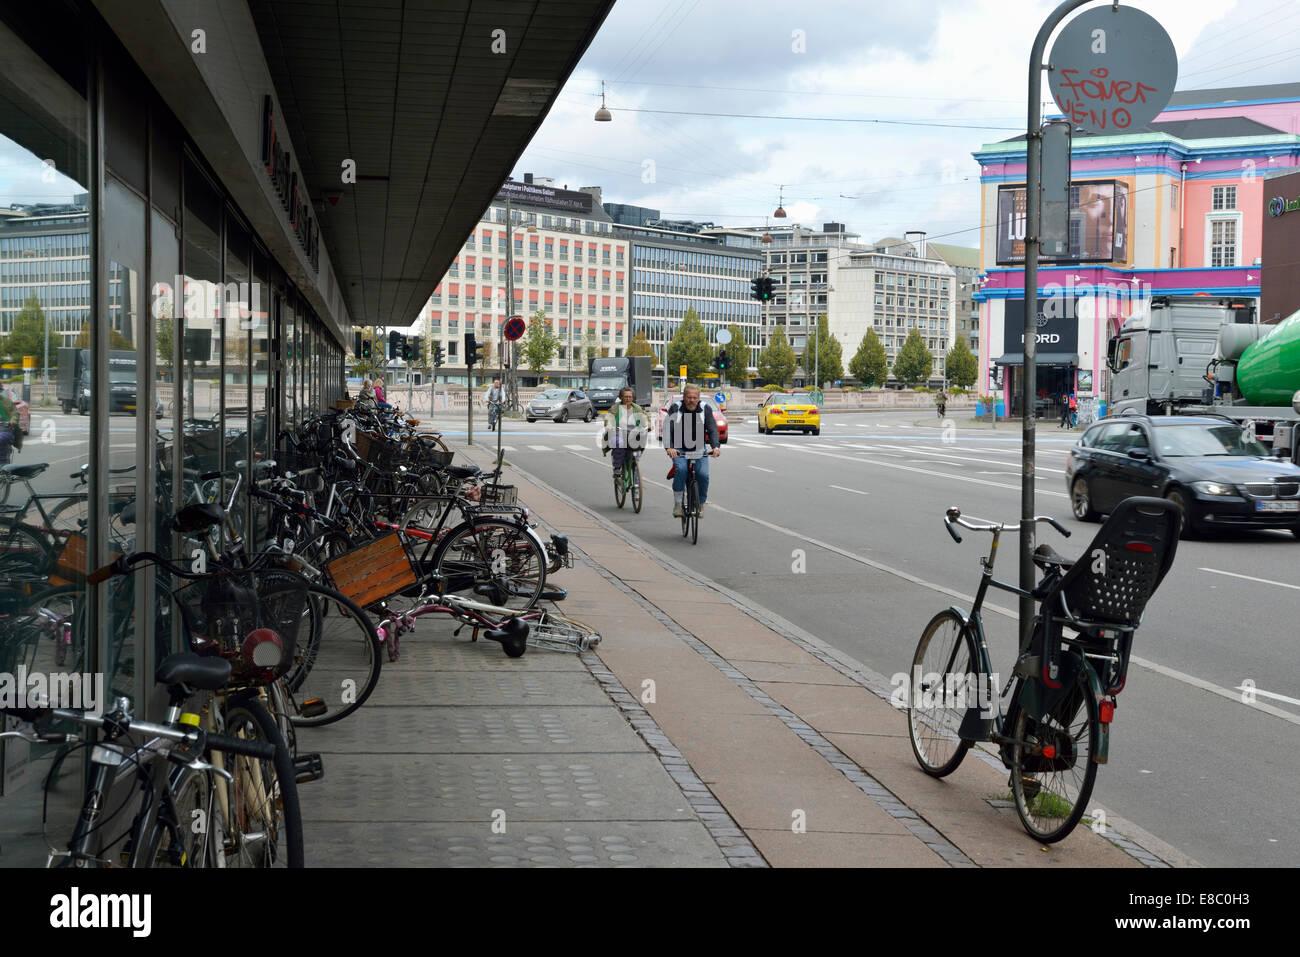 bicycles-in-front-of-hotel-copenhagen-de